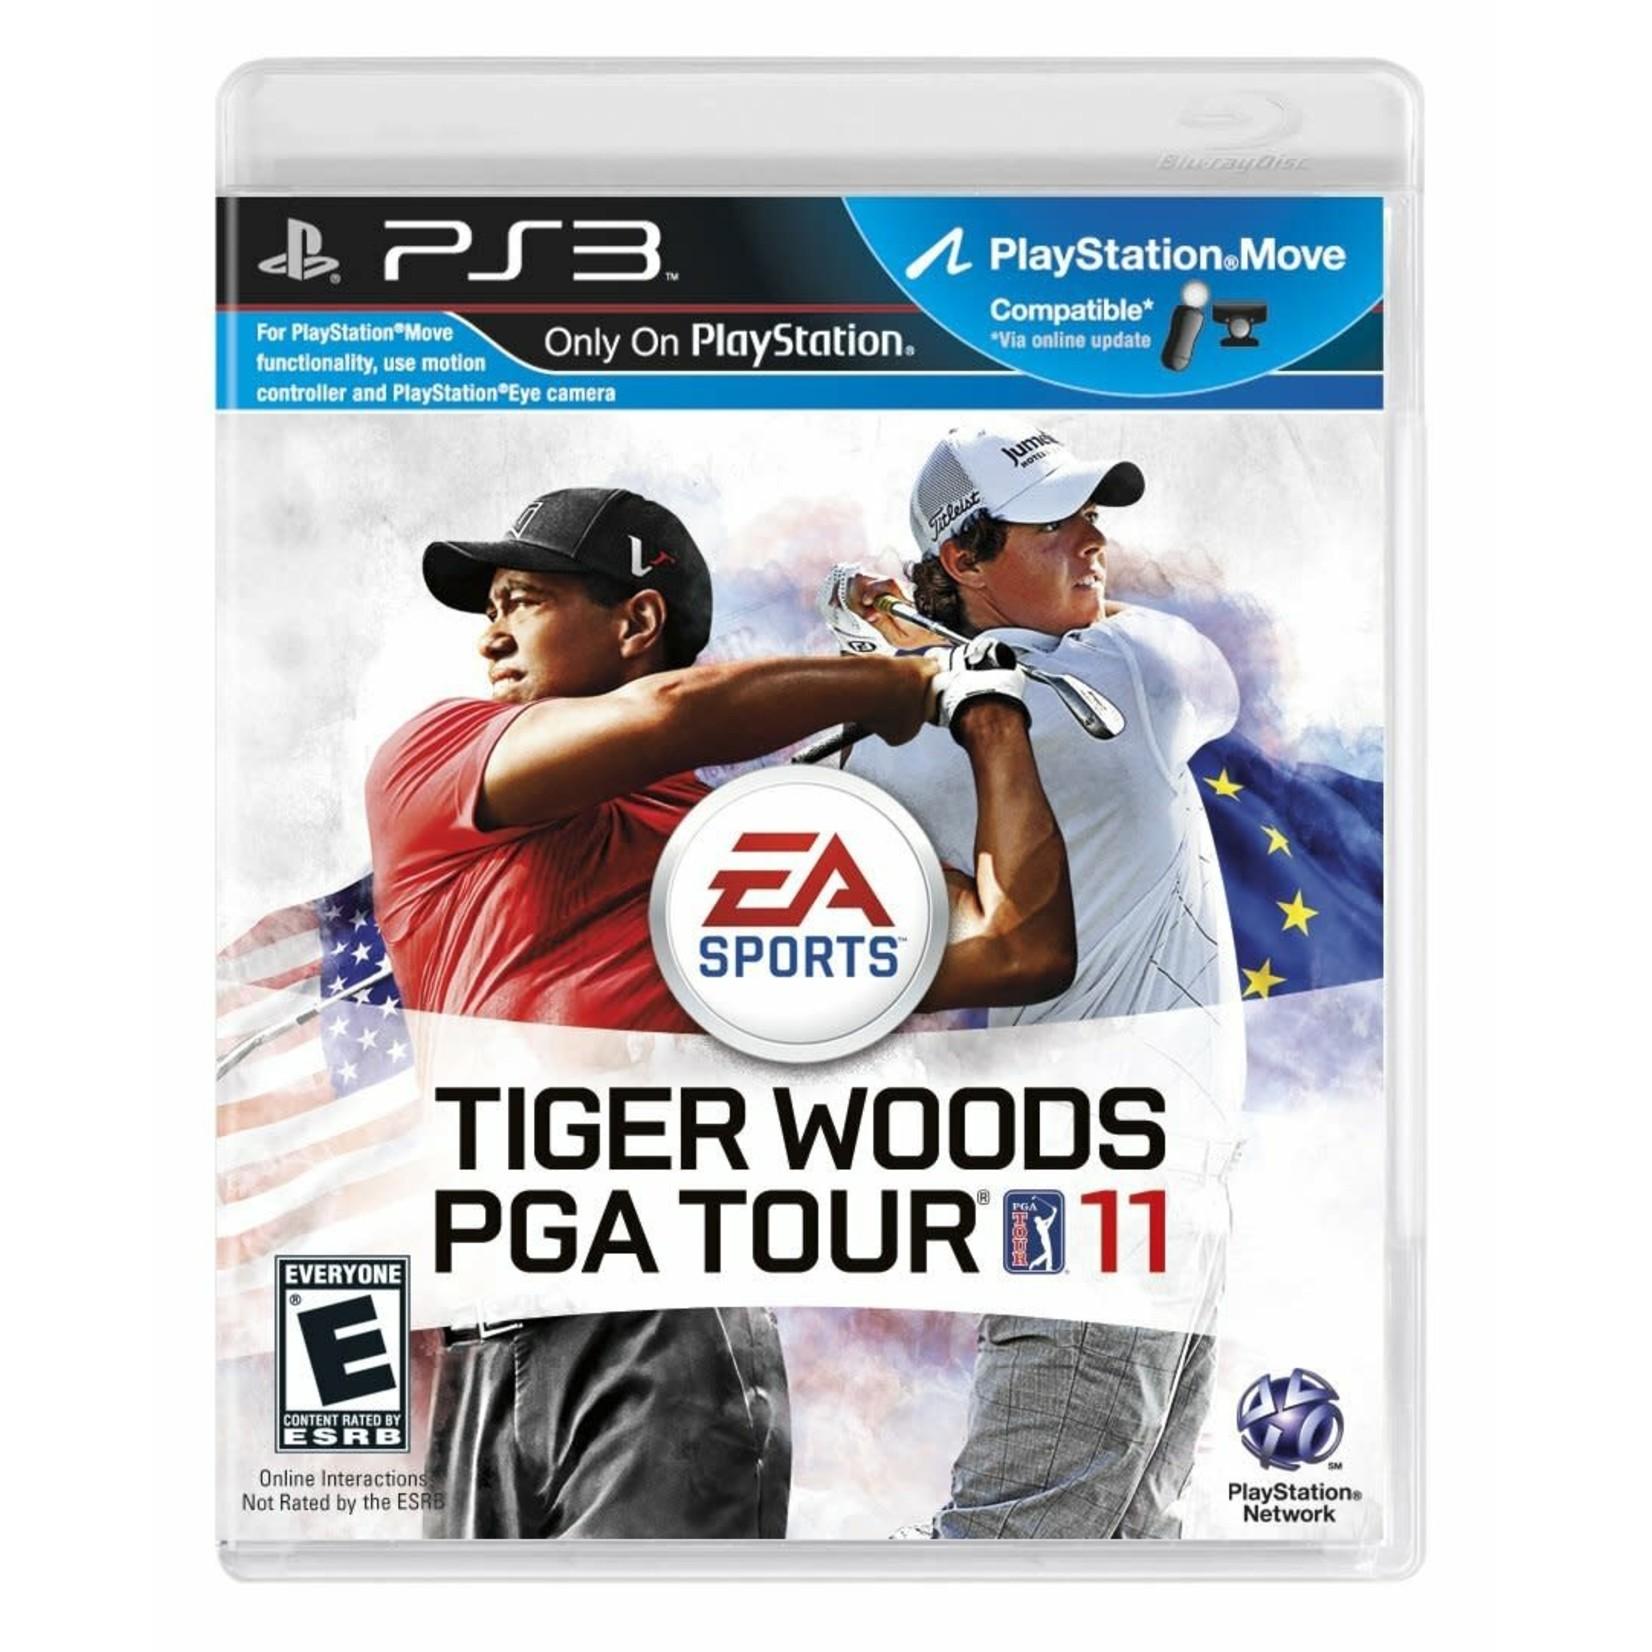 PS3-Tiger Woods PGA Tour 11